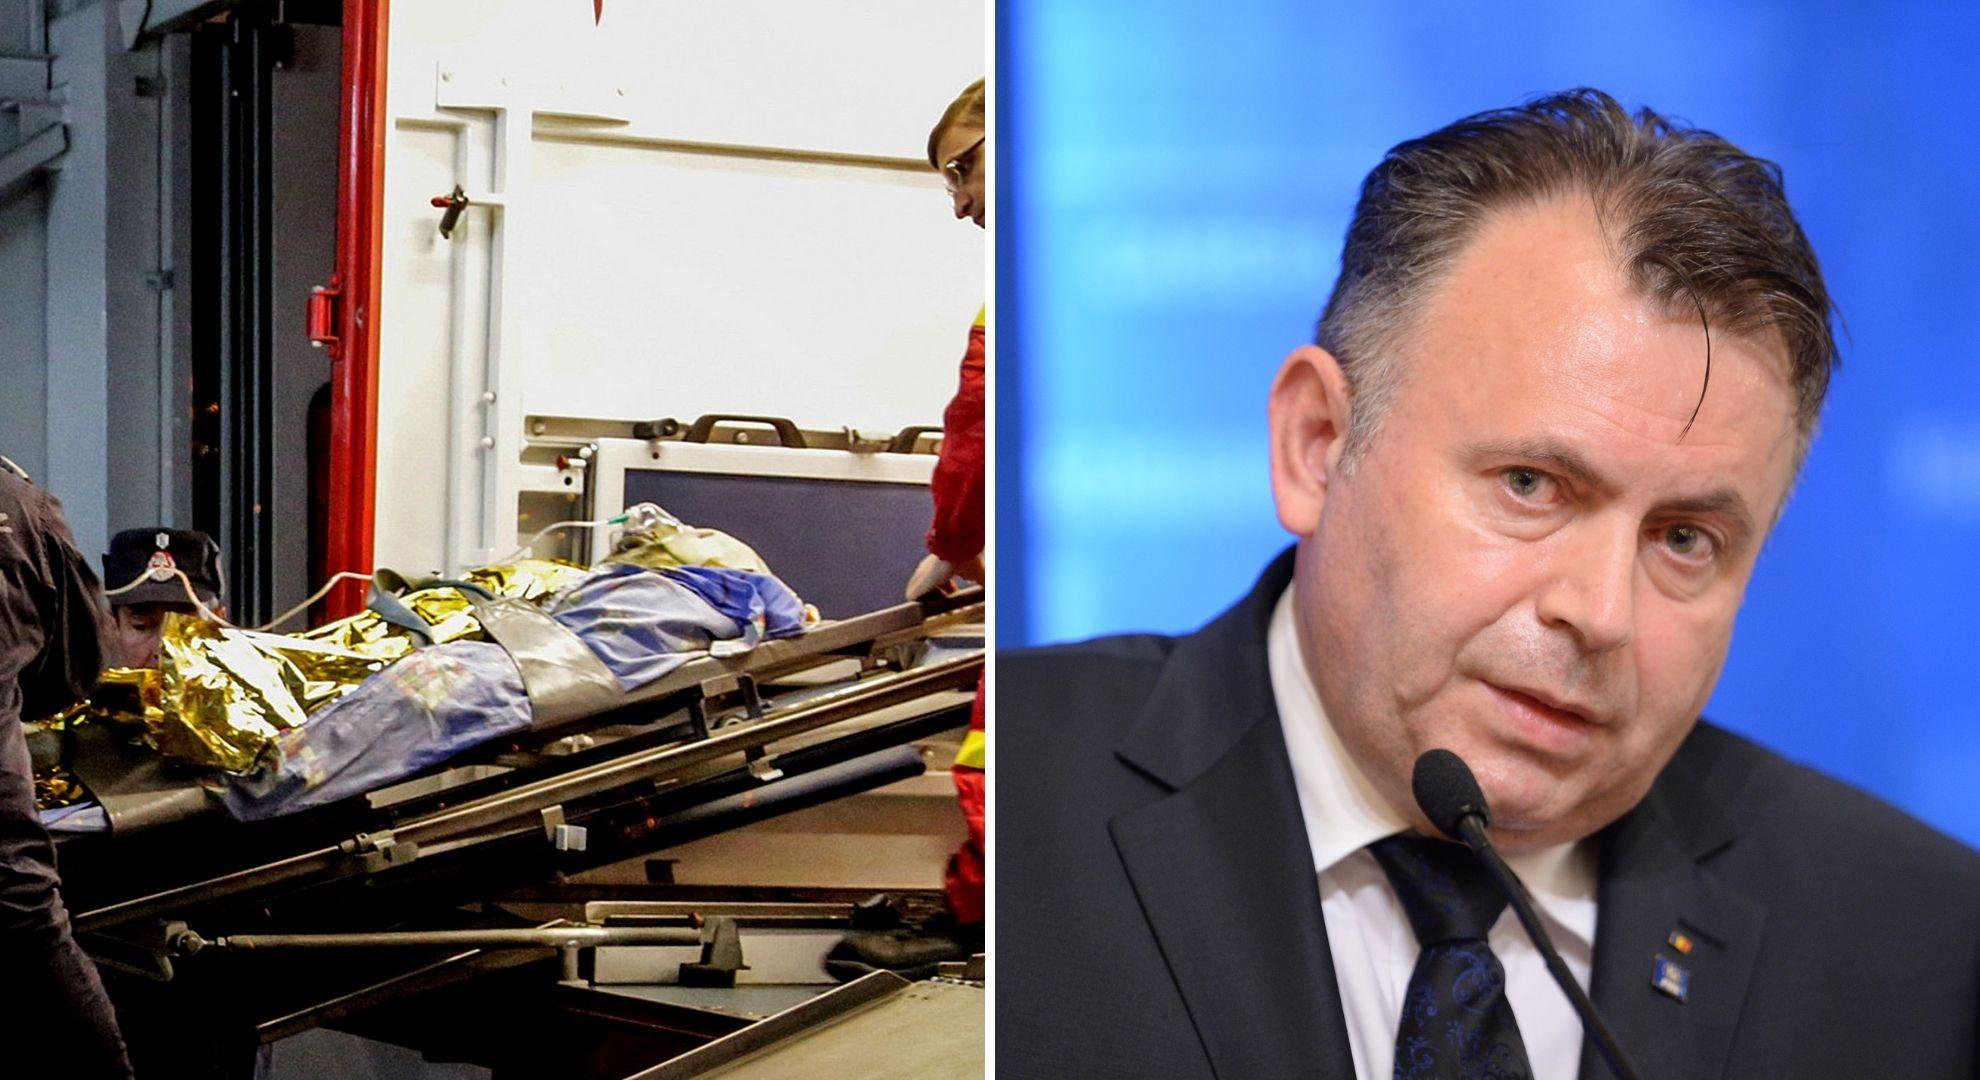 Pacienții români arși vor putea fi transferați mai ușor în străinătate. A fost aprobat mecanismul de transfer